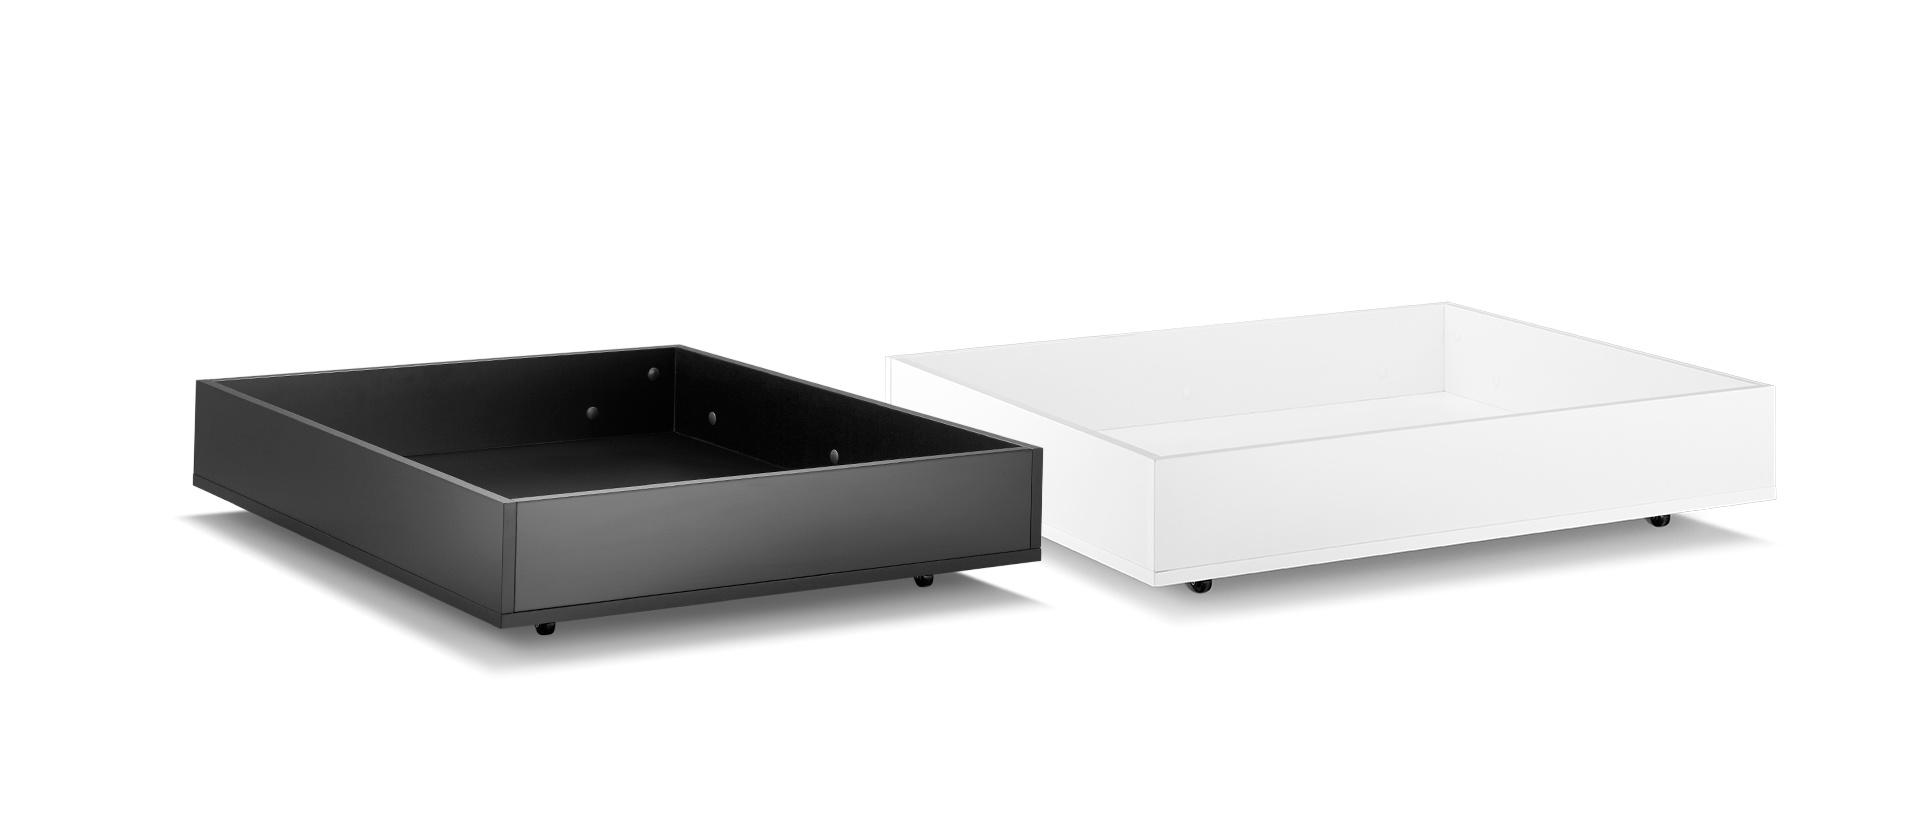 储物盒设有静音耐磨的万向轮,按下则可固定静止,最大可承重14kg。释放更多卧室收纳空间,1.5米、1.8米床下均可最多放置4个,兼具储物与便捷。